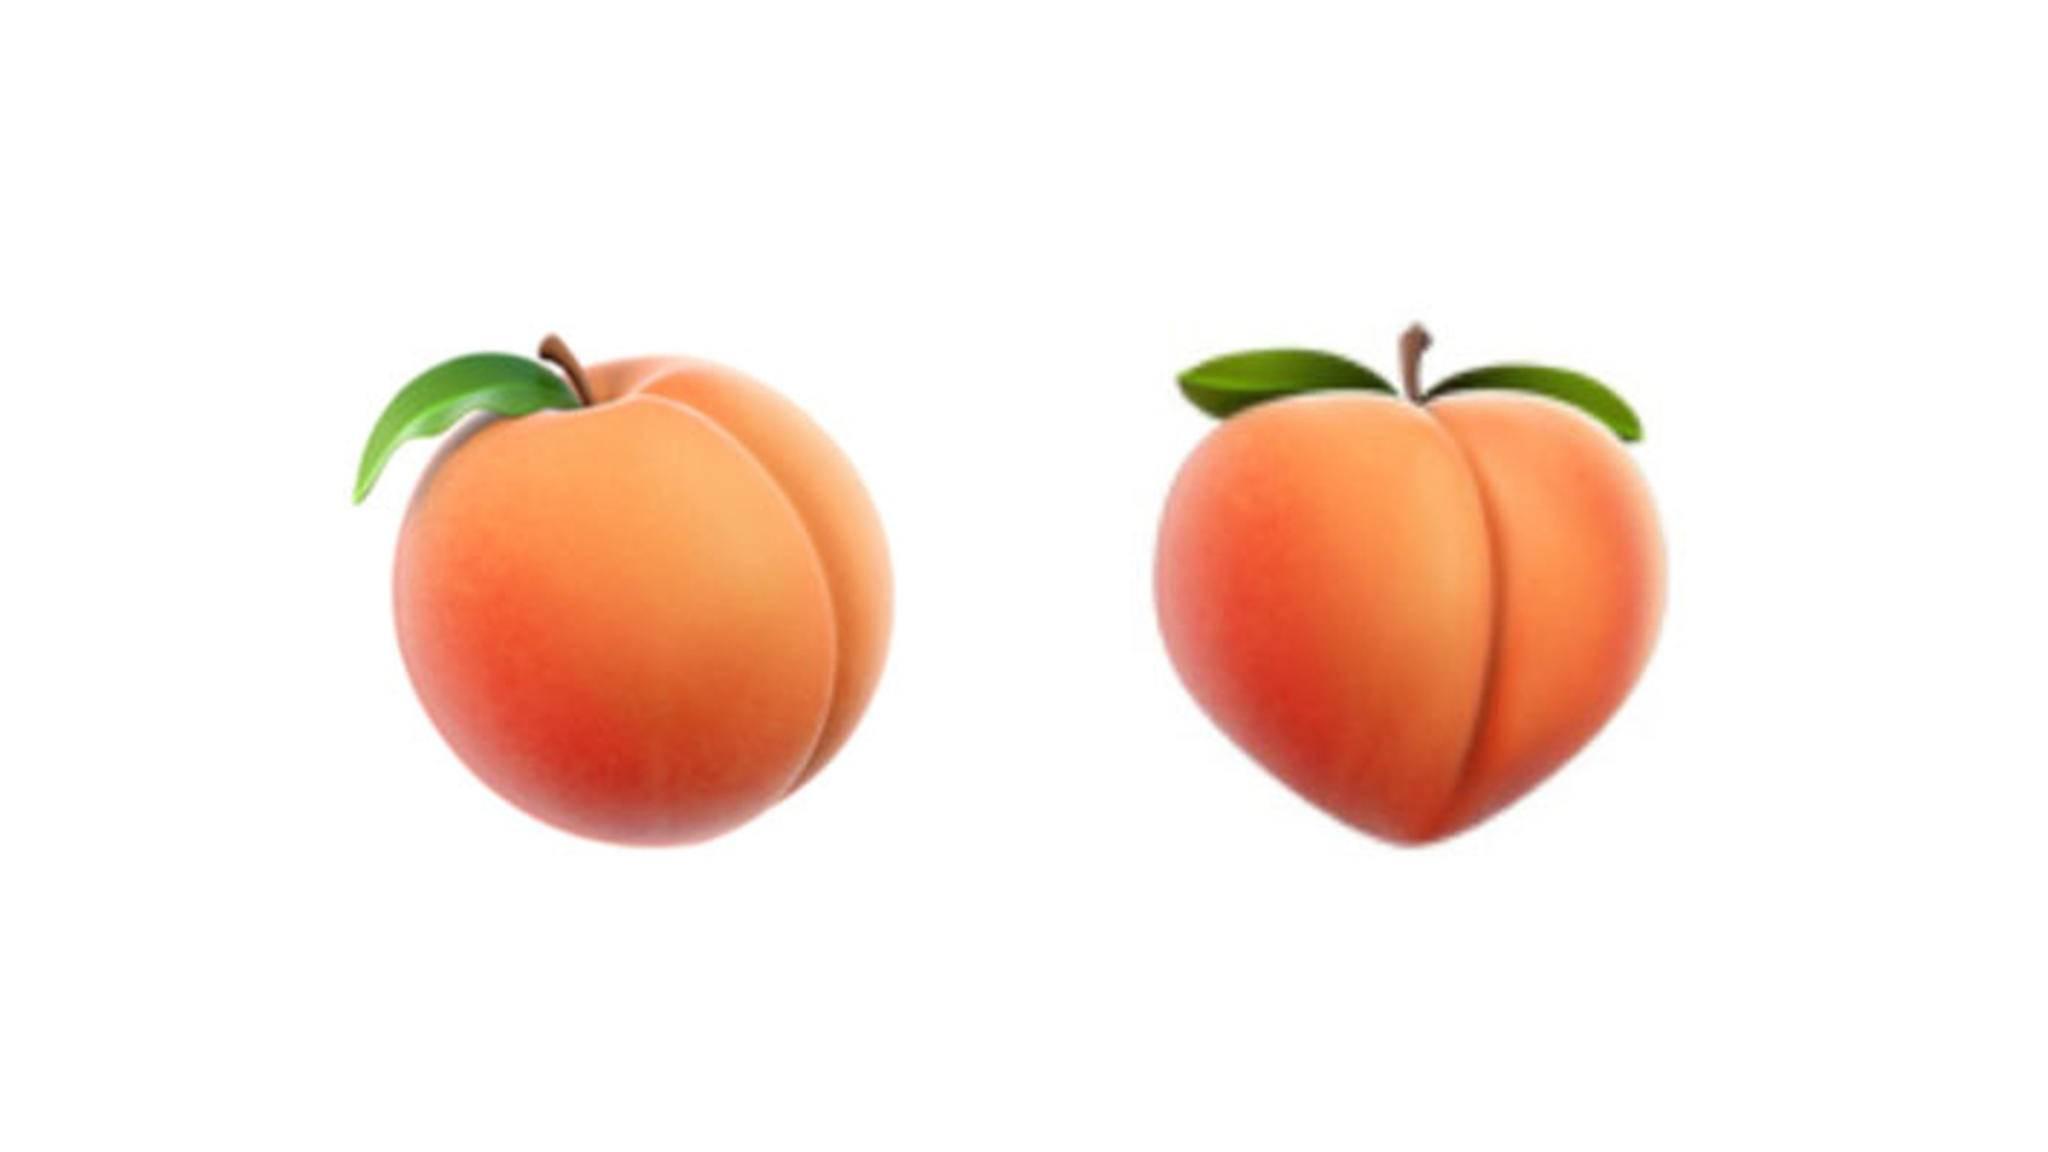 Das neue Pfirsich-Emoji (links) kam bei vielen Nutzern nicht gut an, nun kehrt das alte Symbol (rechts) zurück.